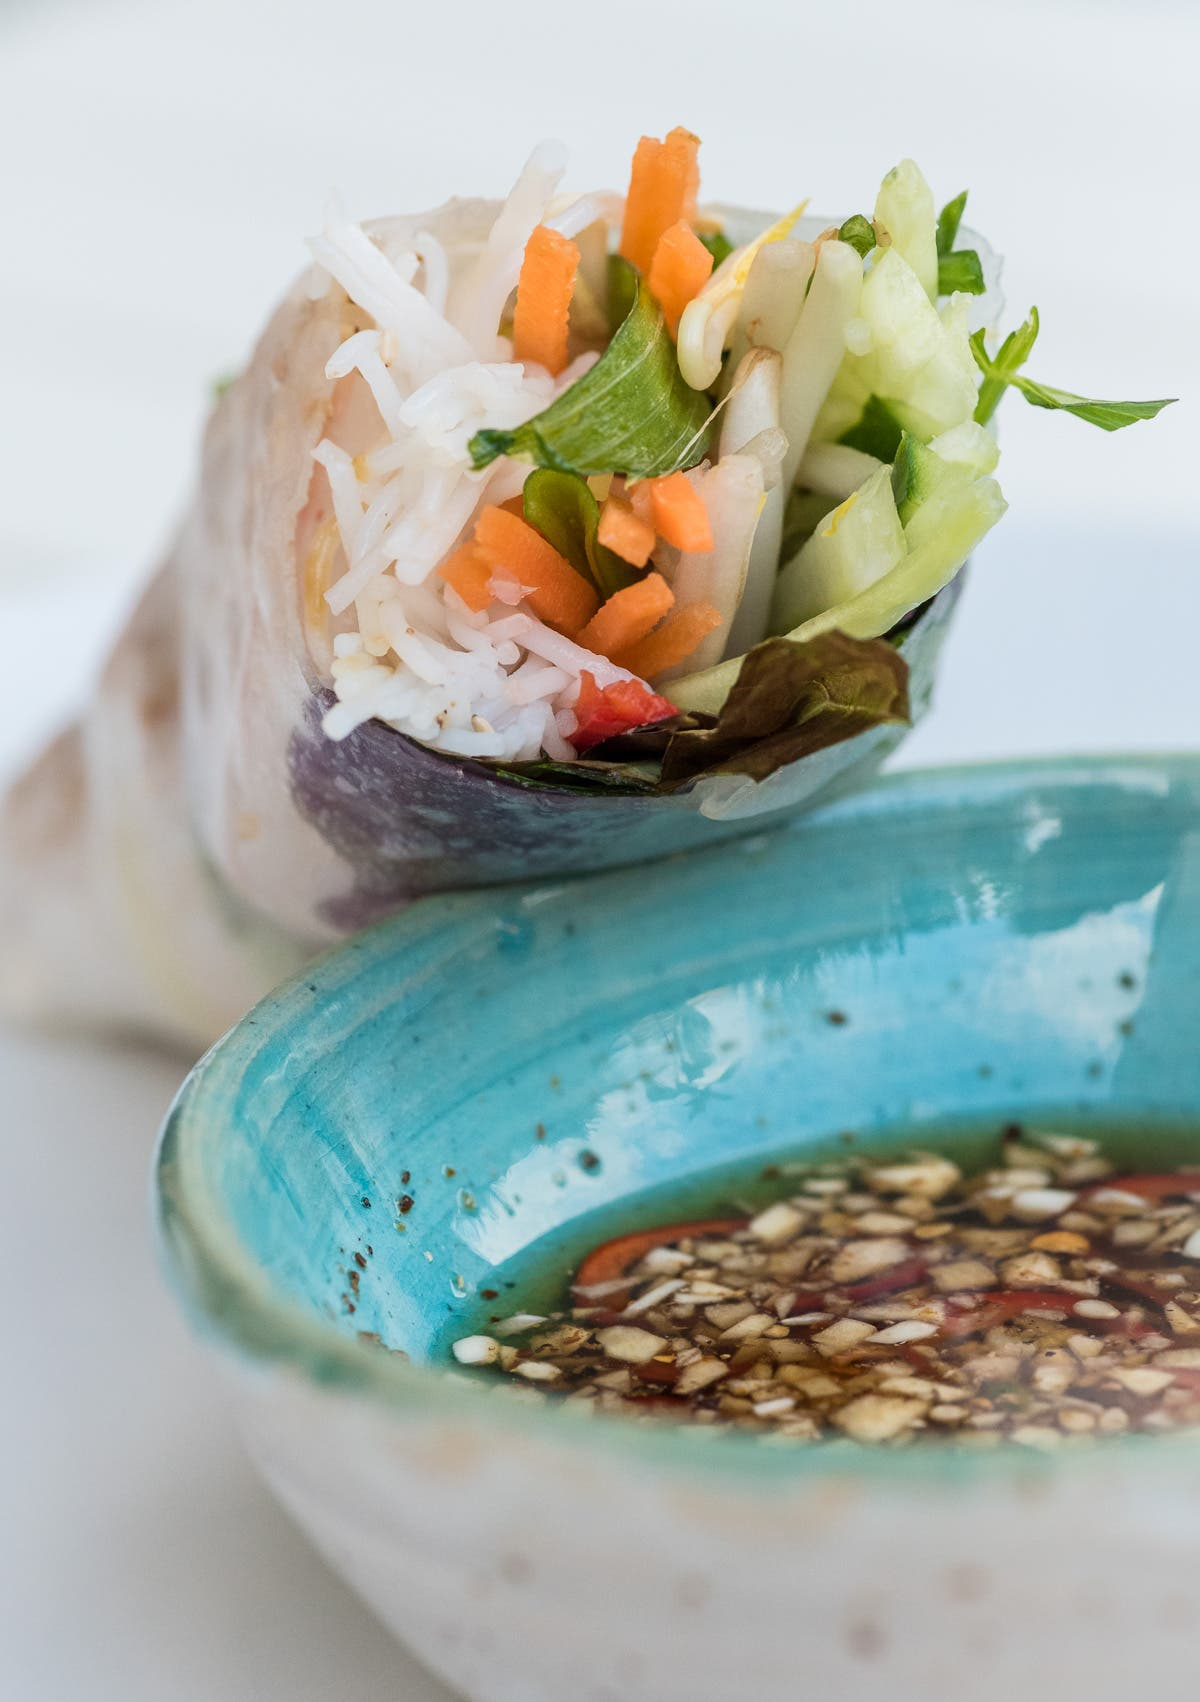 Mit Gemüse gefüllte Sommerrolle mit einer Schale Sojasauce.